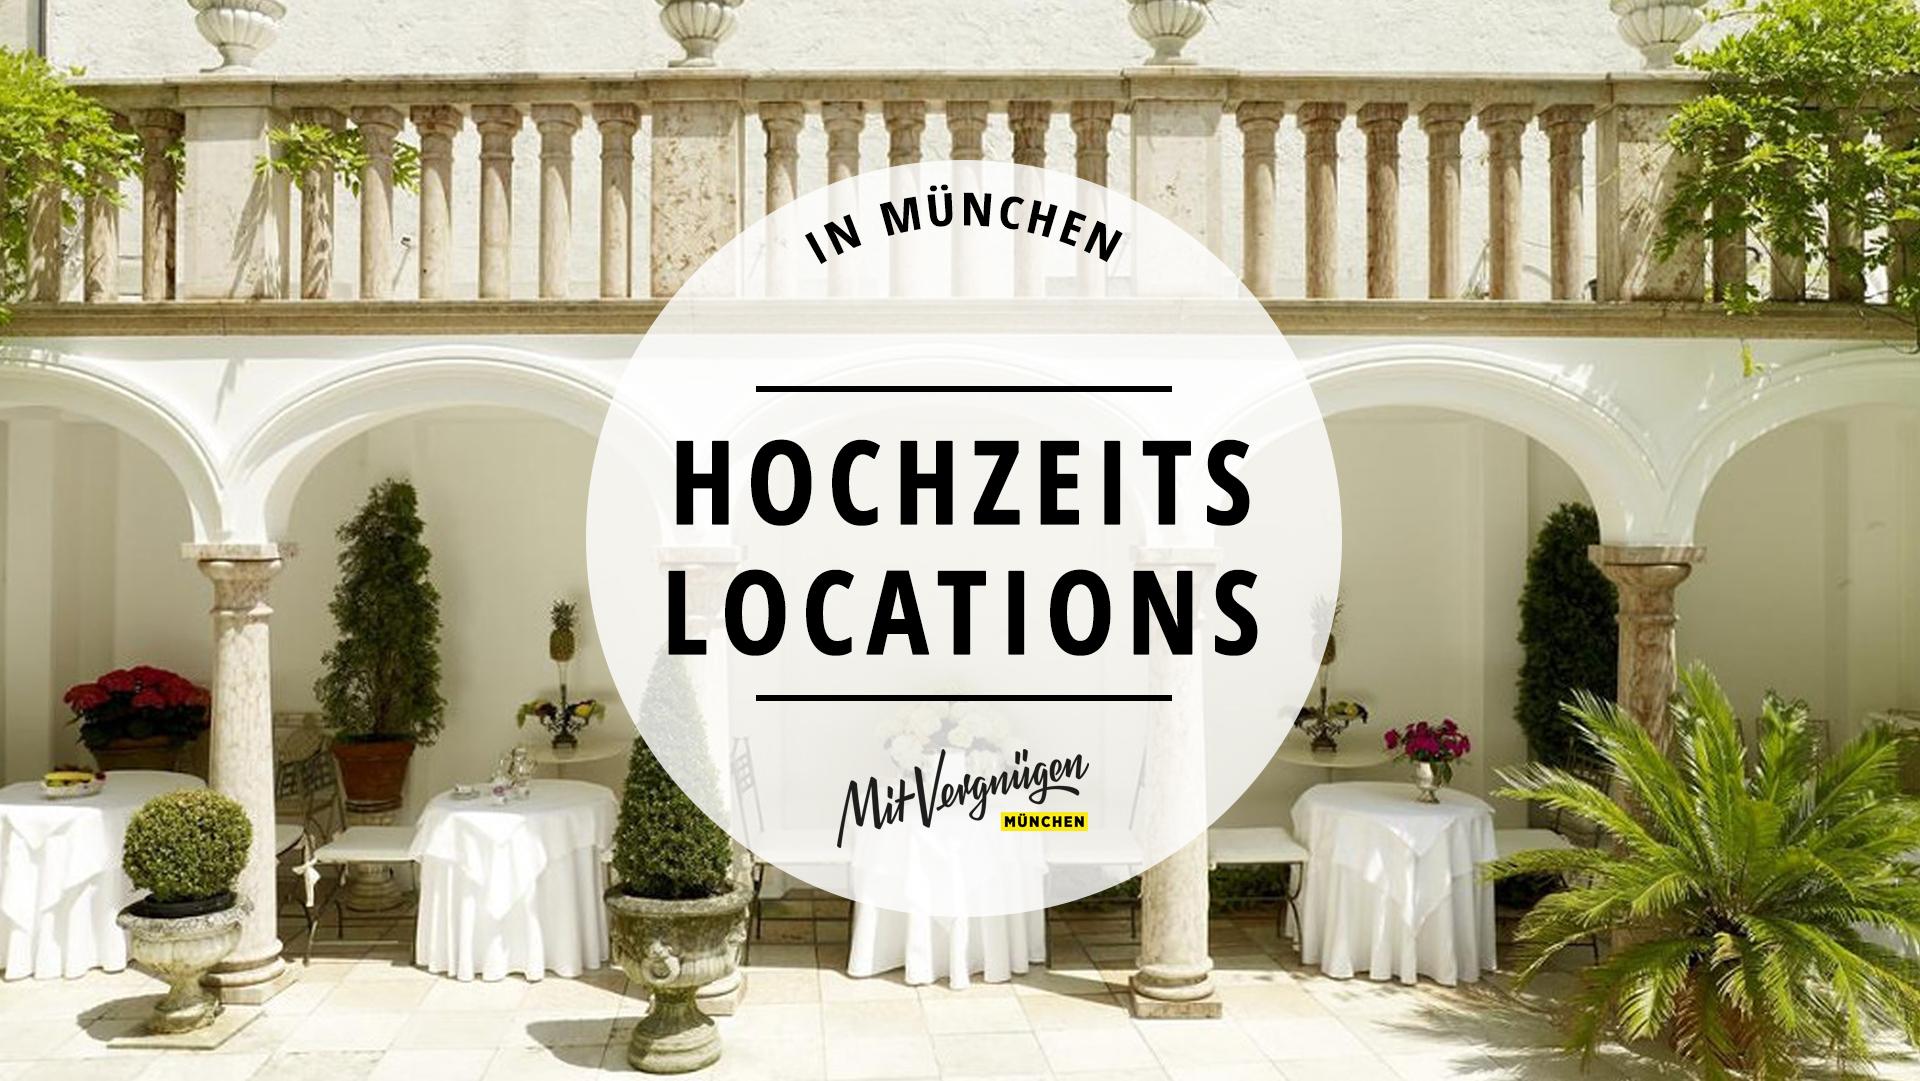 11 Wunderschone Hochzeitslocations In Munchen Mit Vergnugen Munchen